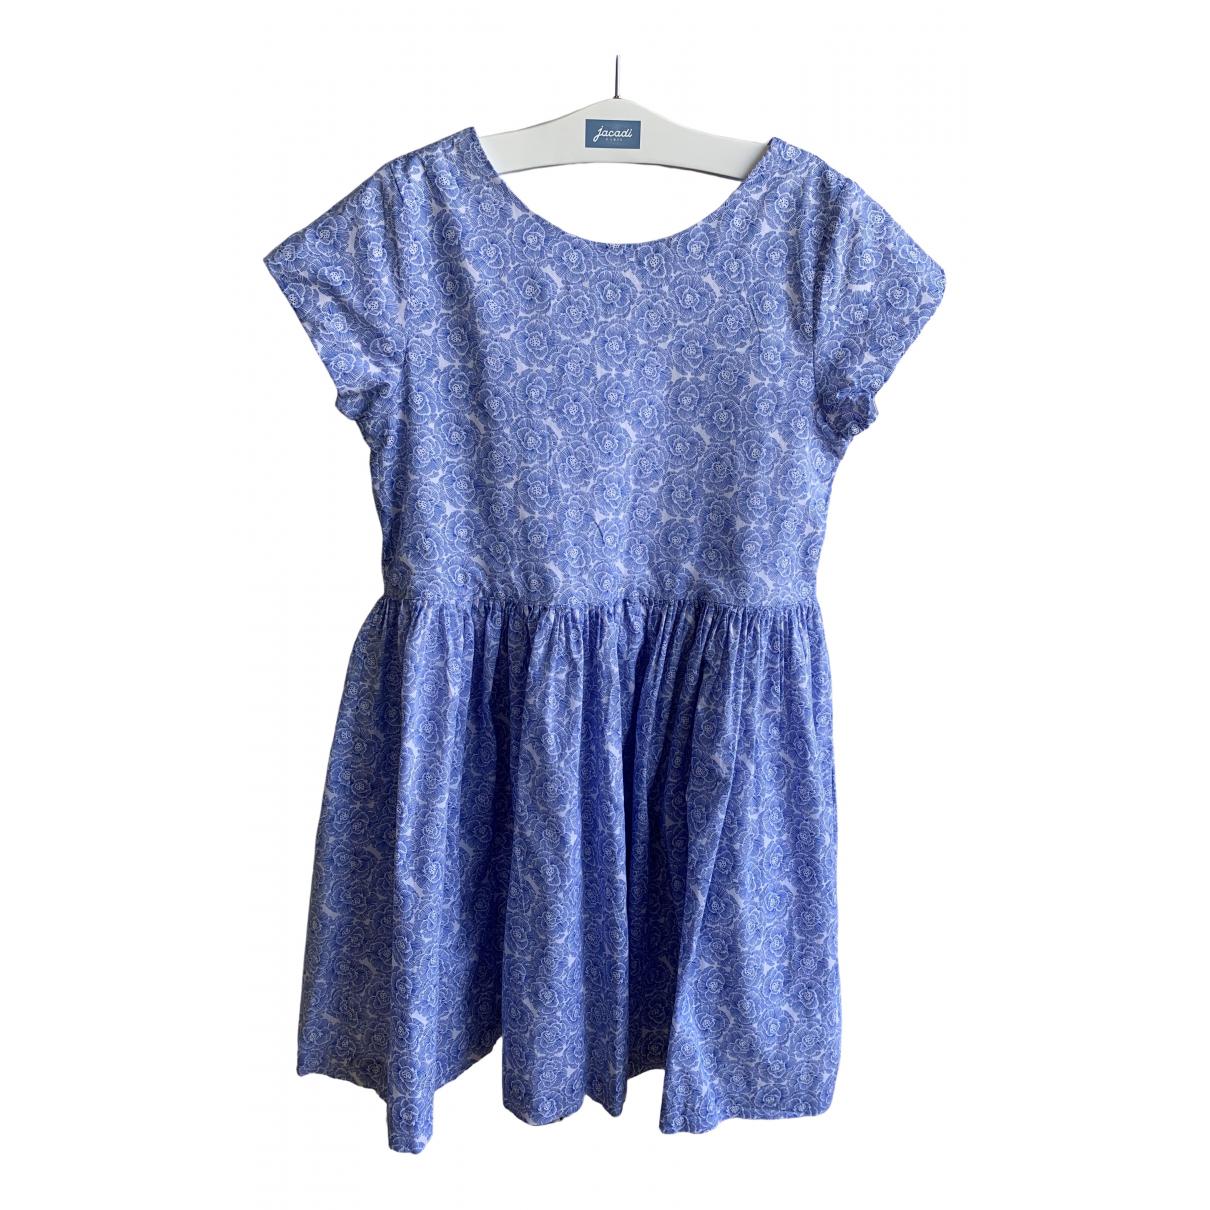 Jacadi \N Kleid in  Blau Baumwolle